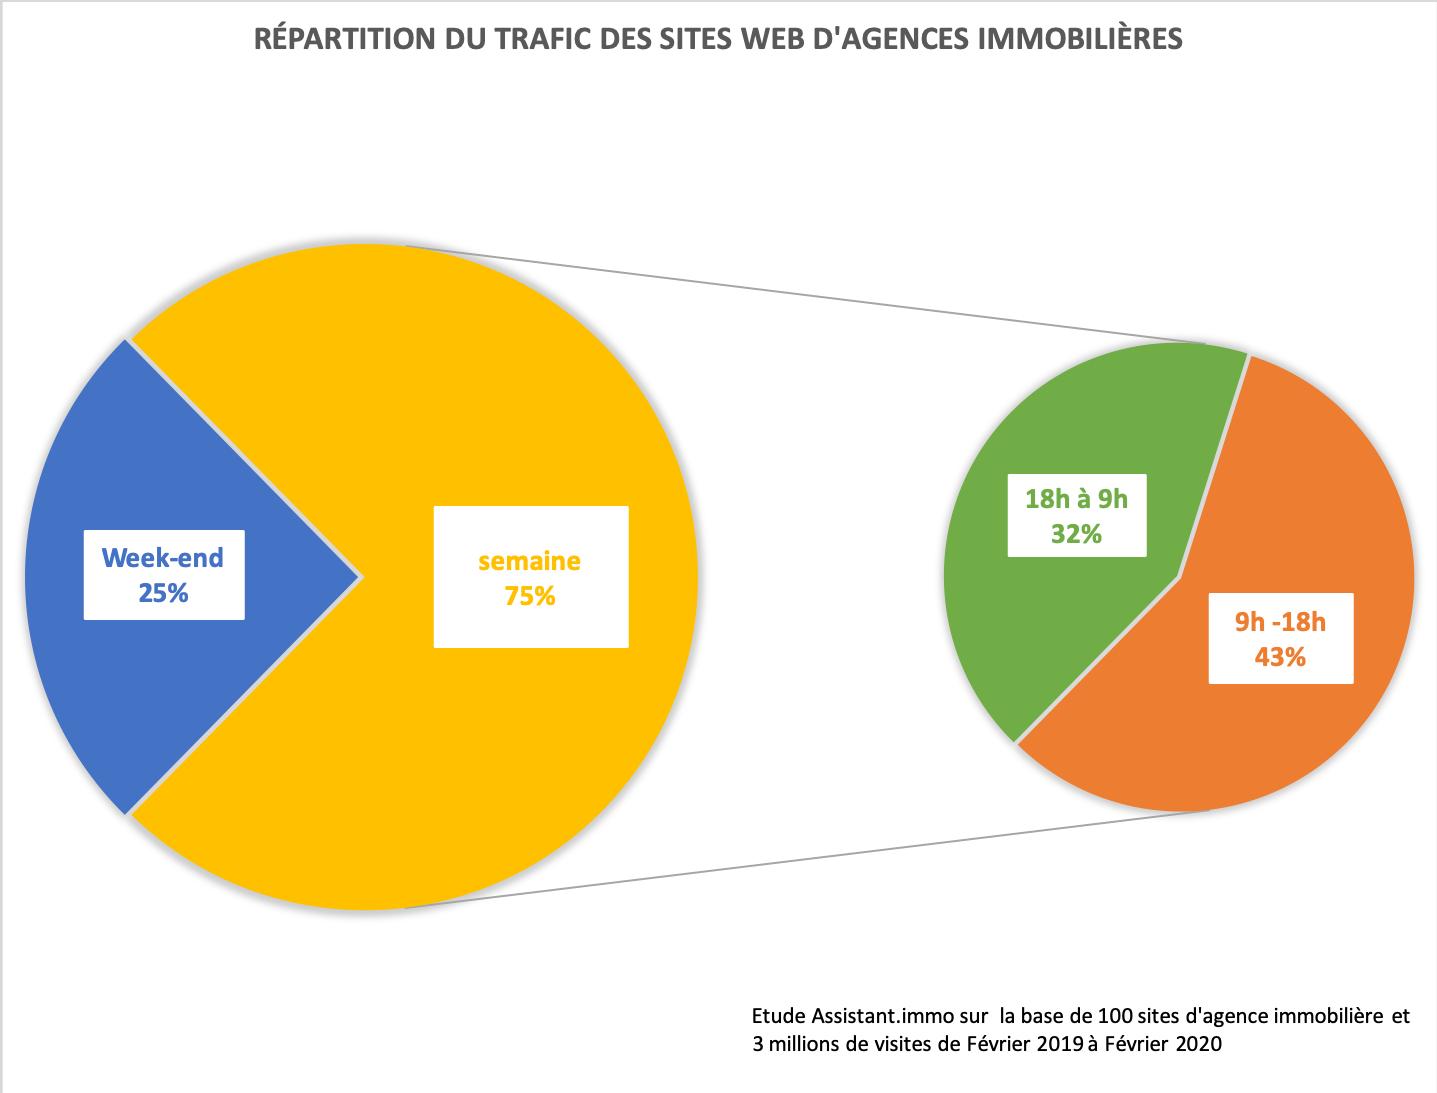 repartition du trafic des sites web d'agences immobilières